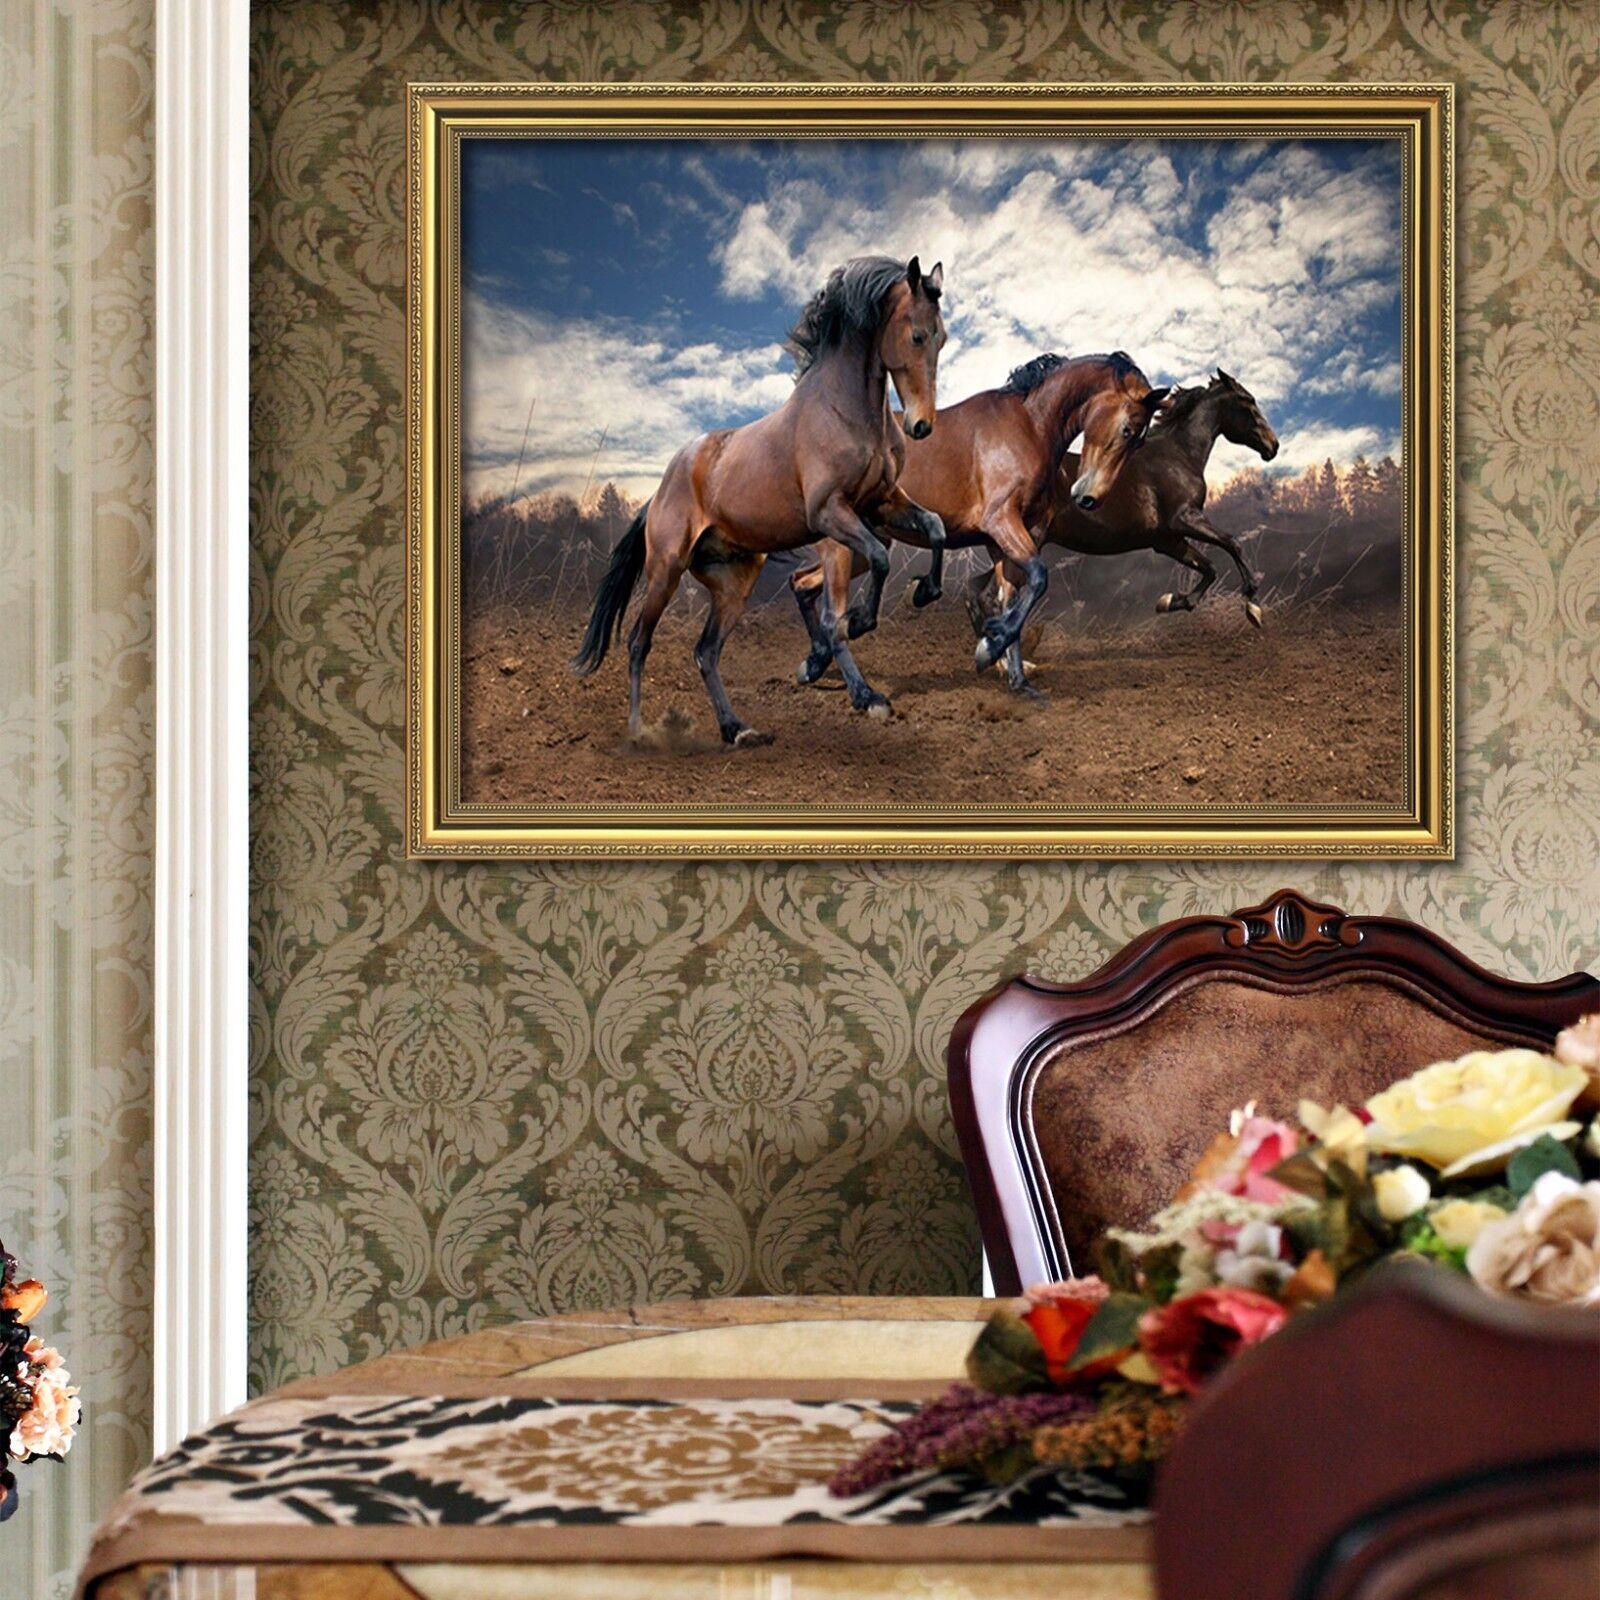 3D Póster Enmarcado tres caballos Marrón 2 Decoración del Hogar Pintura de Impresión Arte AJ Wallpaper